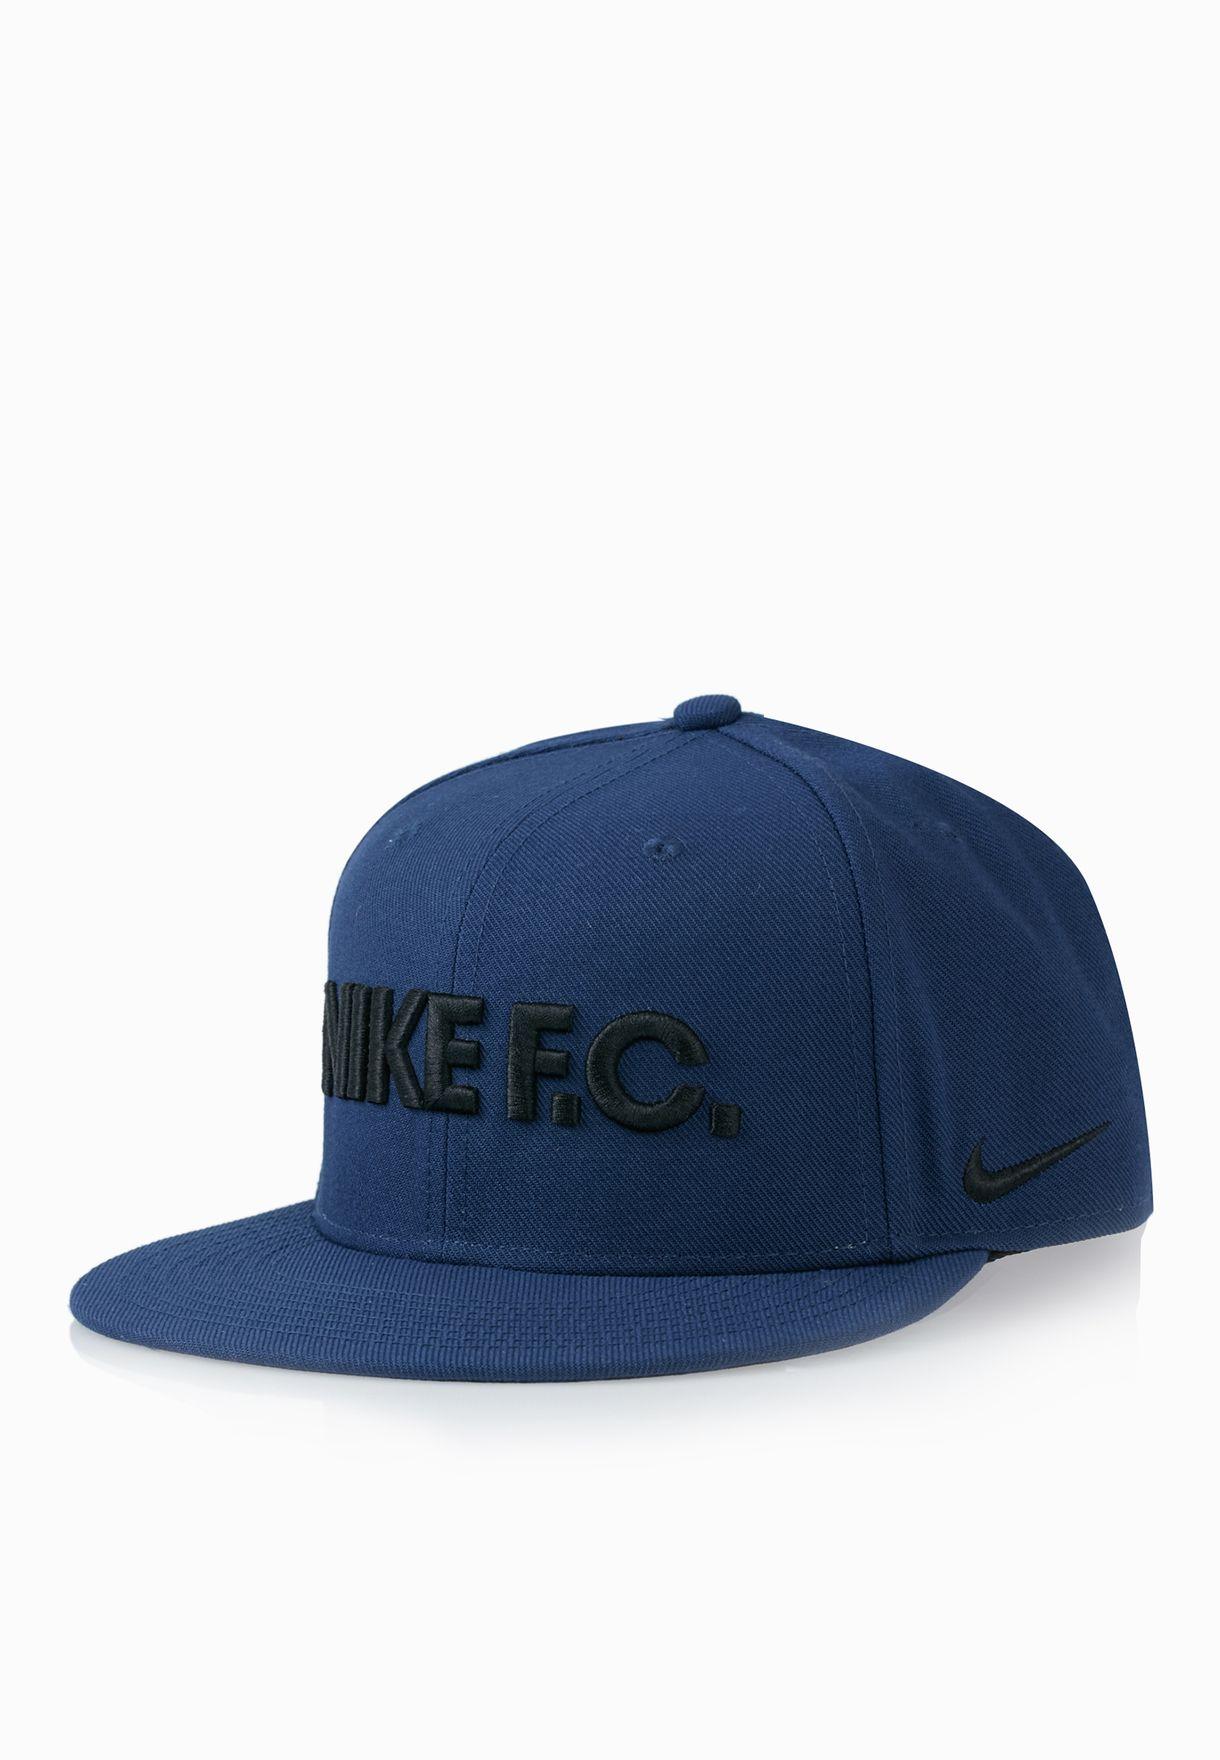 67689e3f794 Shop Nike blue F.C. True Snapback Cap 715621-410 for Men in Kuwait -  NI727AC62CCZ